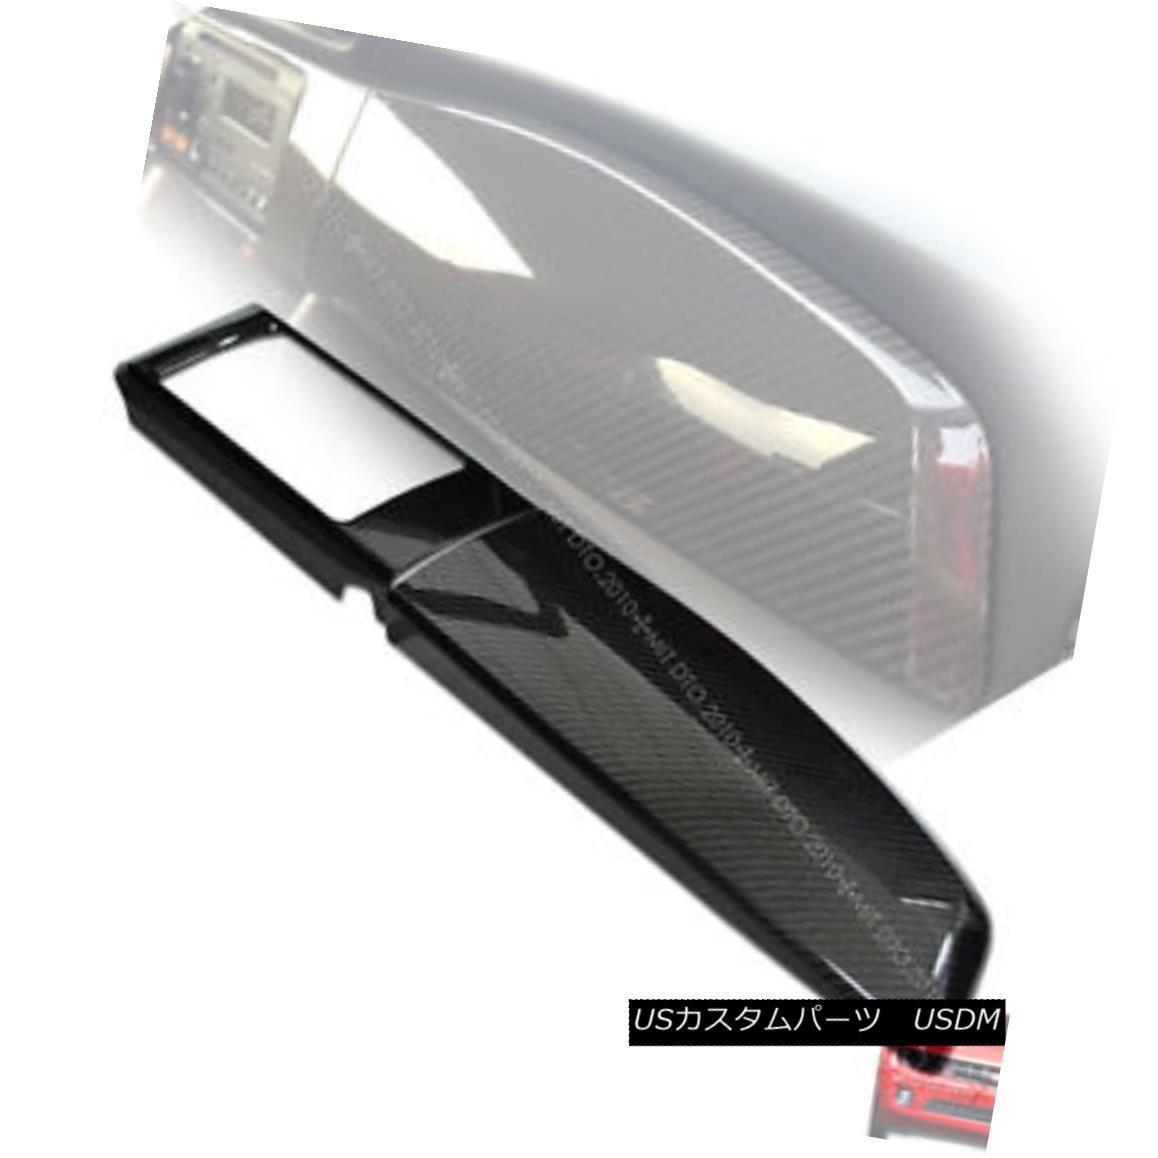 エアロパーツ Carbon Fiber For Scion FRS Subaru BRZ GT86 Toyota Dashboard Radio Panel Cover § Scion FRS用炭素繊維スバルBRZ GT86トヨタダッシュボードラジオパネルカバー